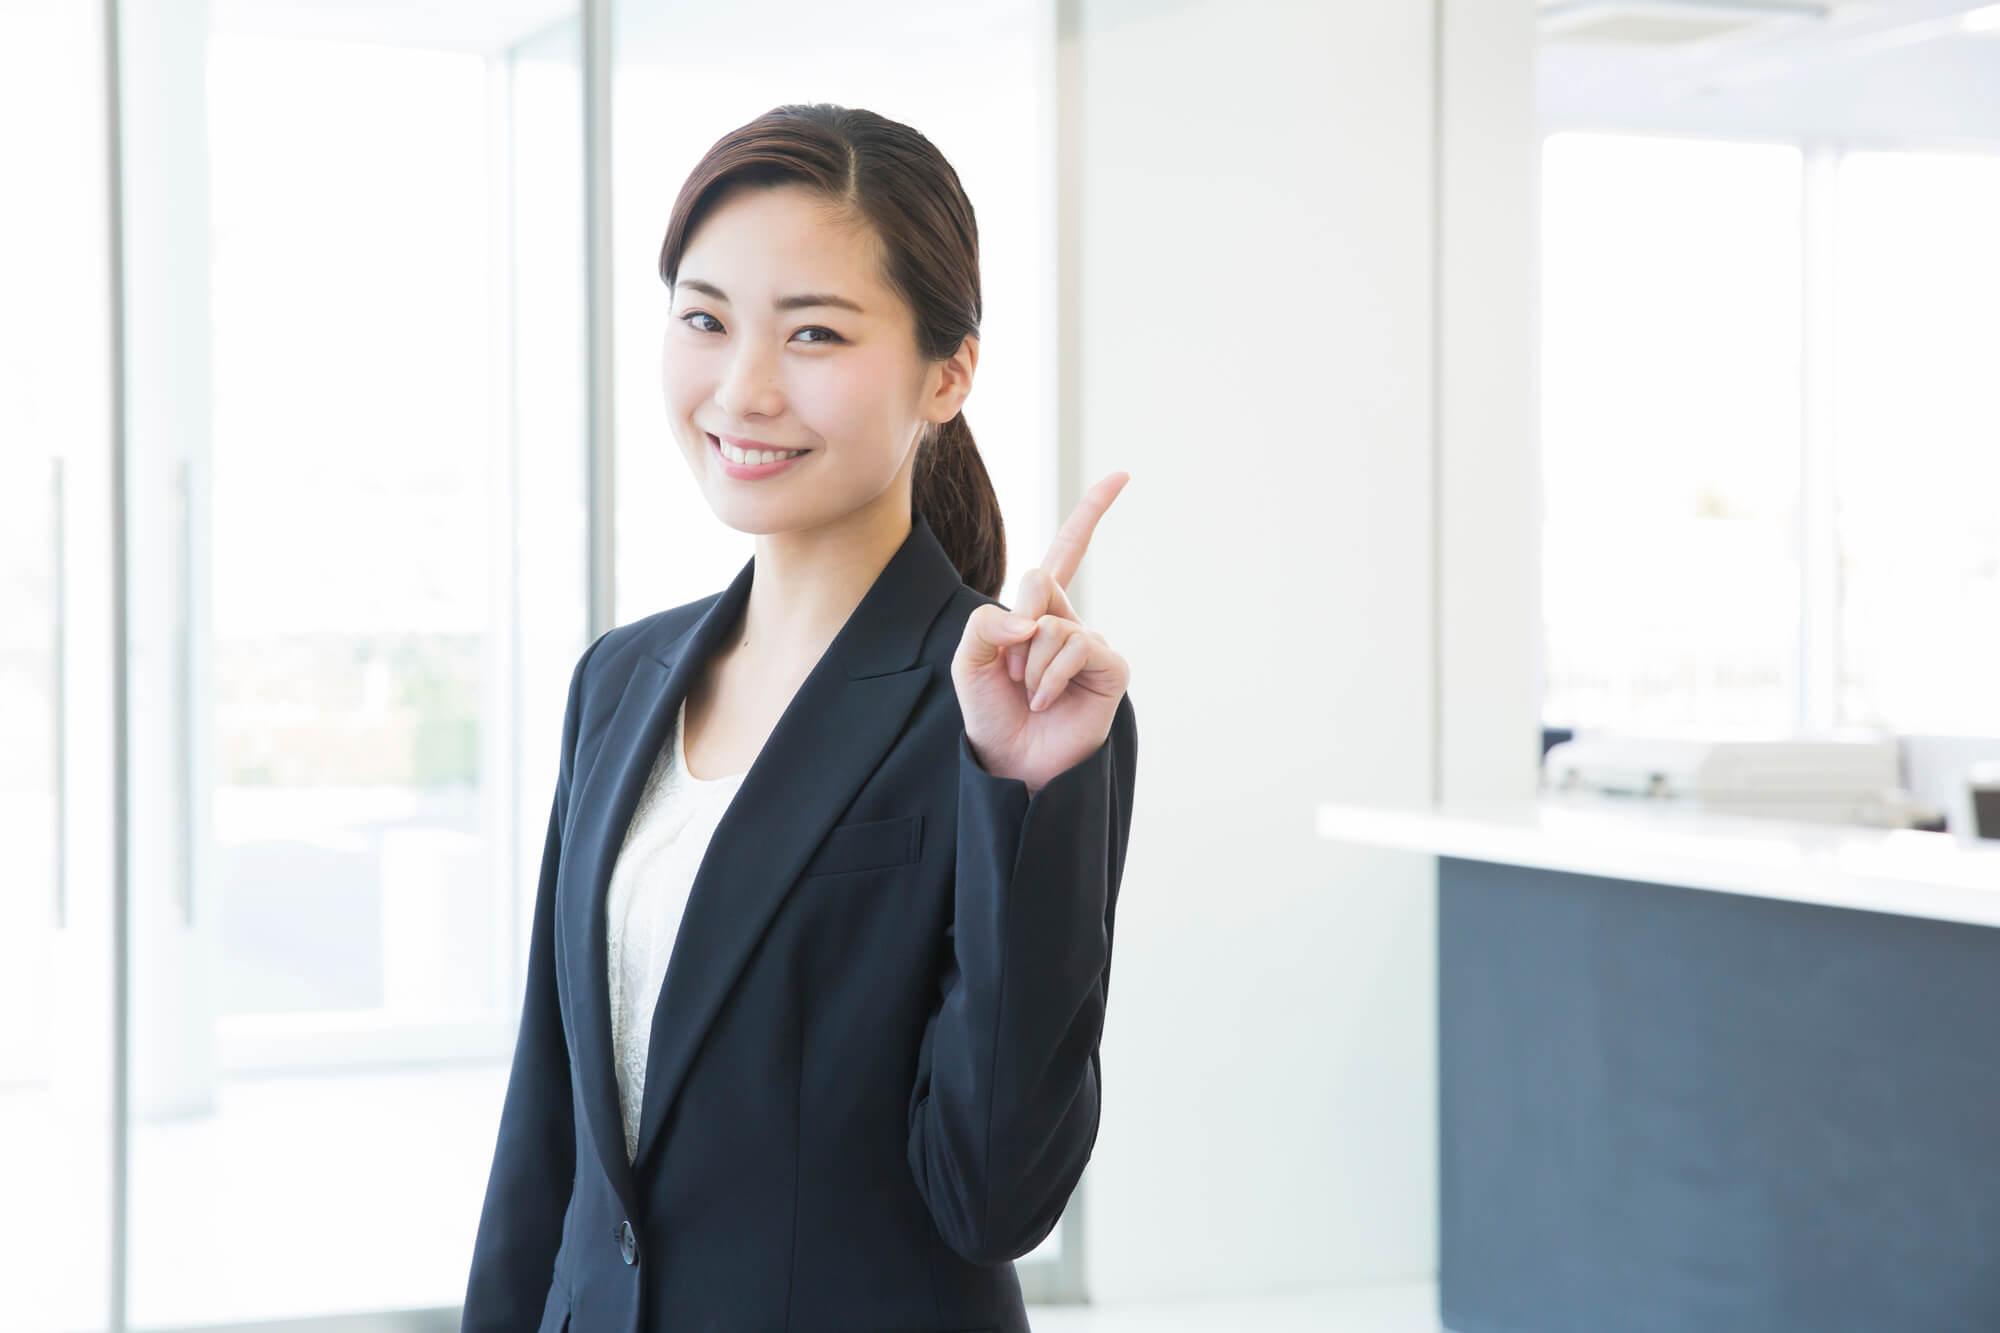 精神的に辛い毎日から開放され心から笑顔になっている女性クライアント